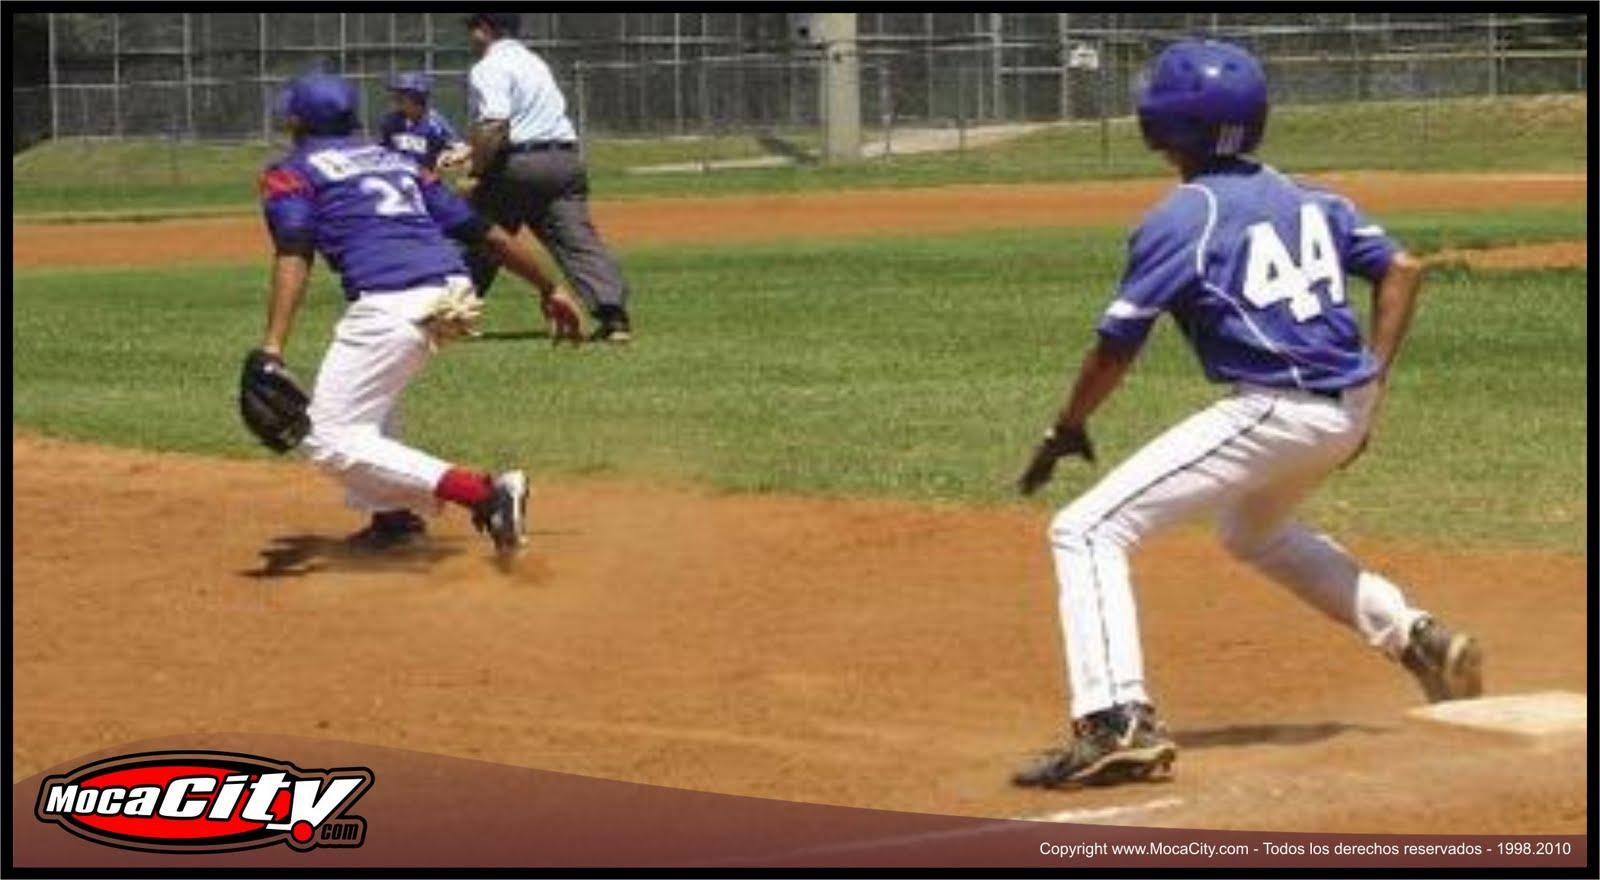 http://1.bp.blogspot.com/_MO_59wo98kw/TCtXgbBe8pI/AAAAAAAABYA/1Snjnrm8W98/s1600/antonio_lantigua_equipo_de_beisbol_baseball.jpg